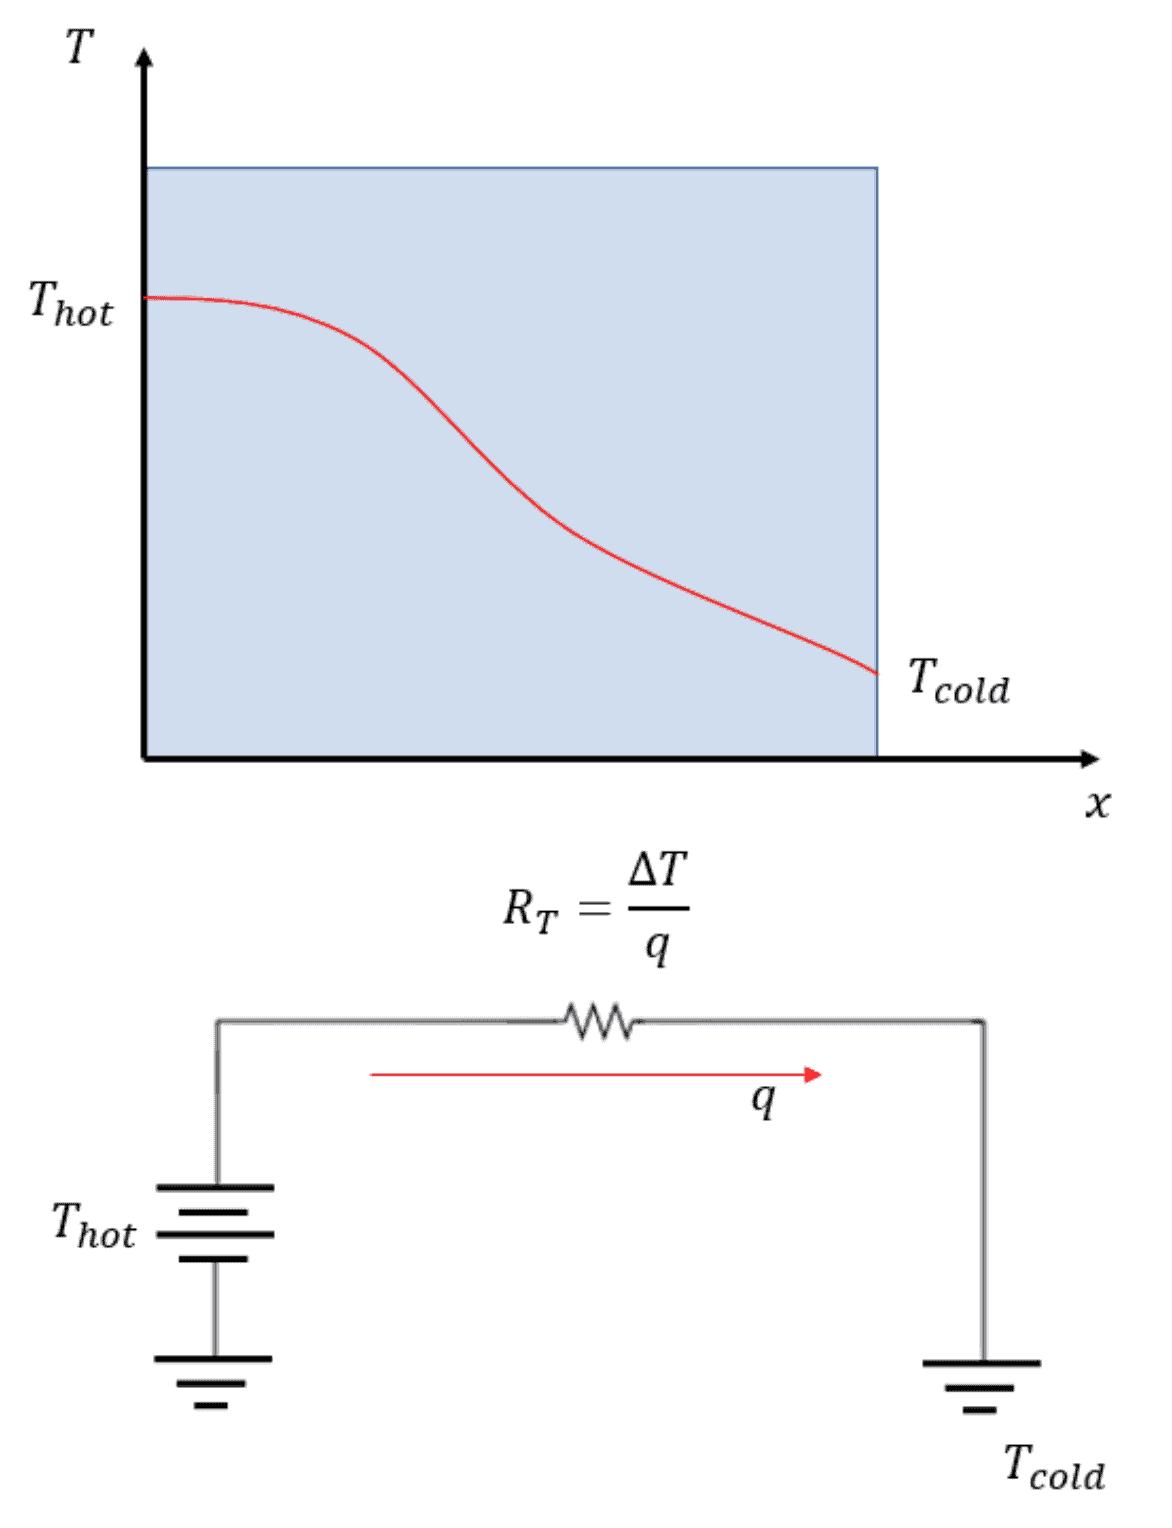 Thermal resistance circuit model and diagram